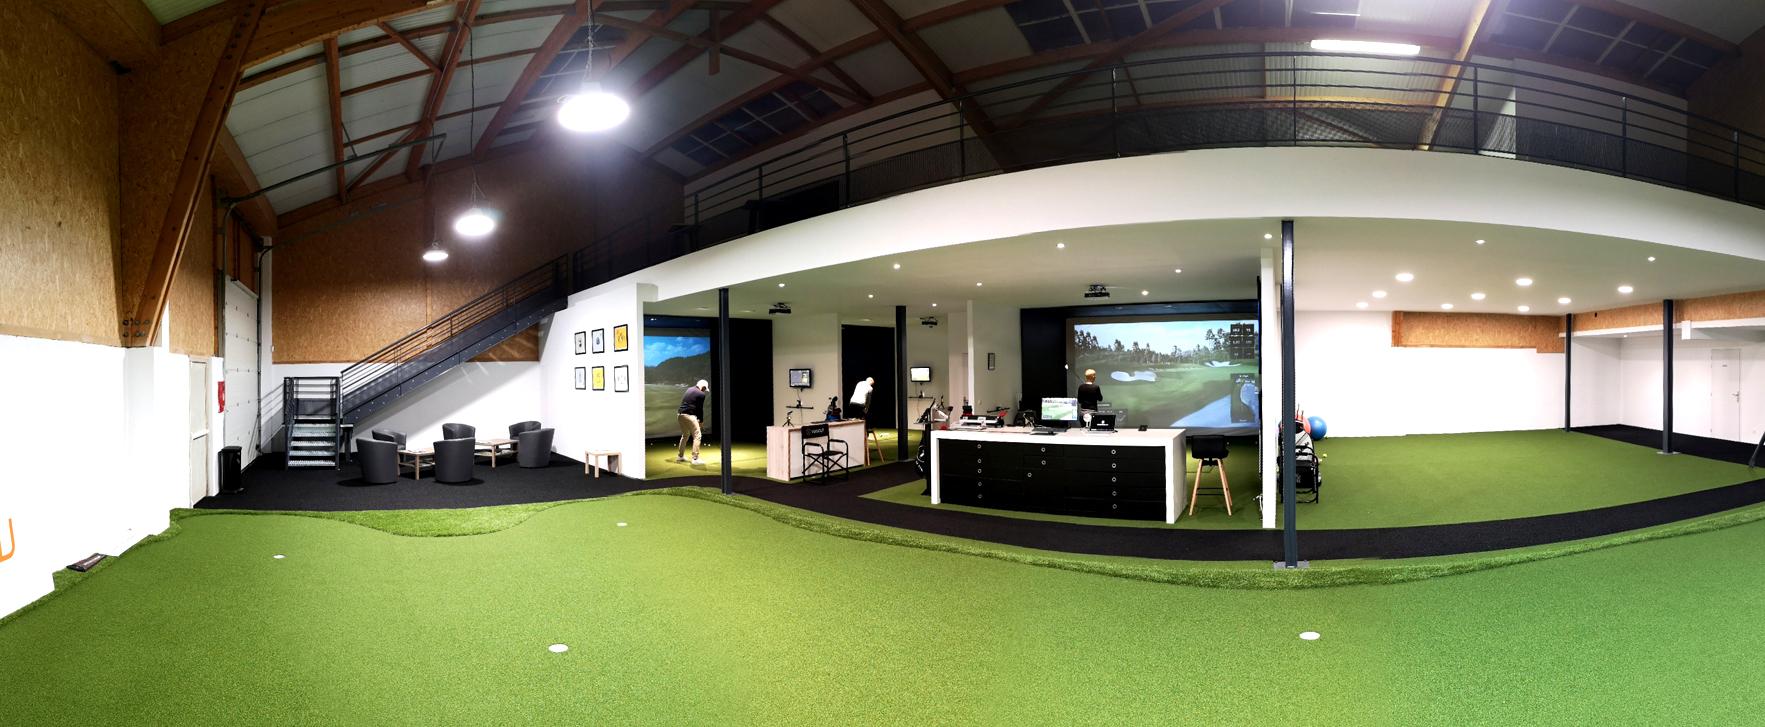 golfskills-center-paris-france-entrainement-golf-indoor